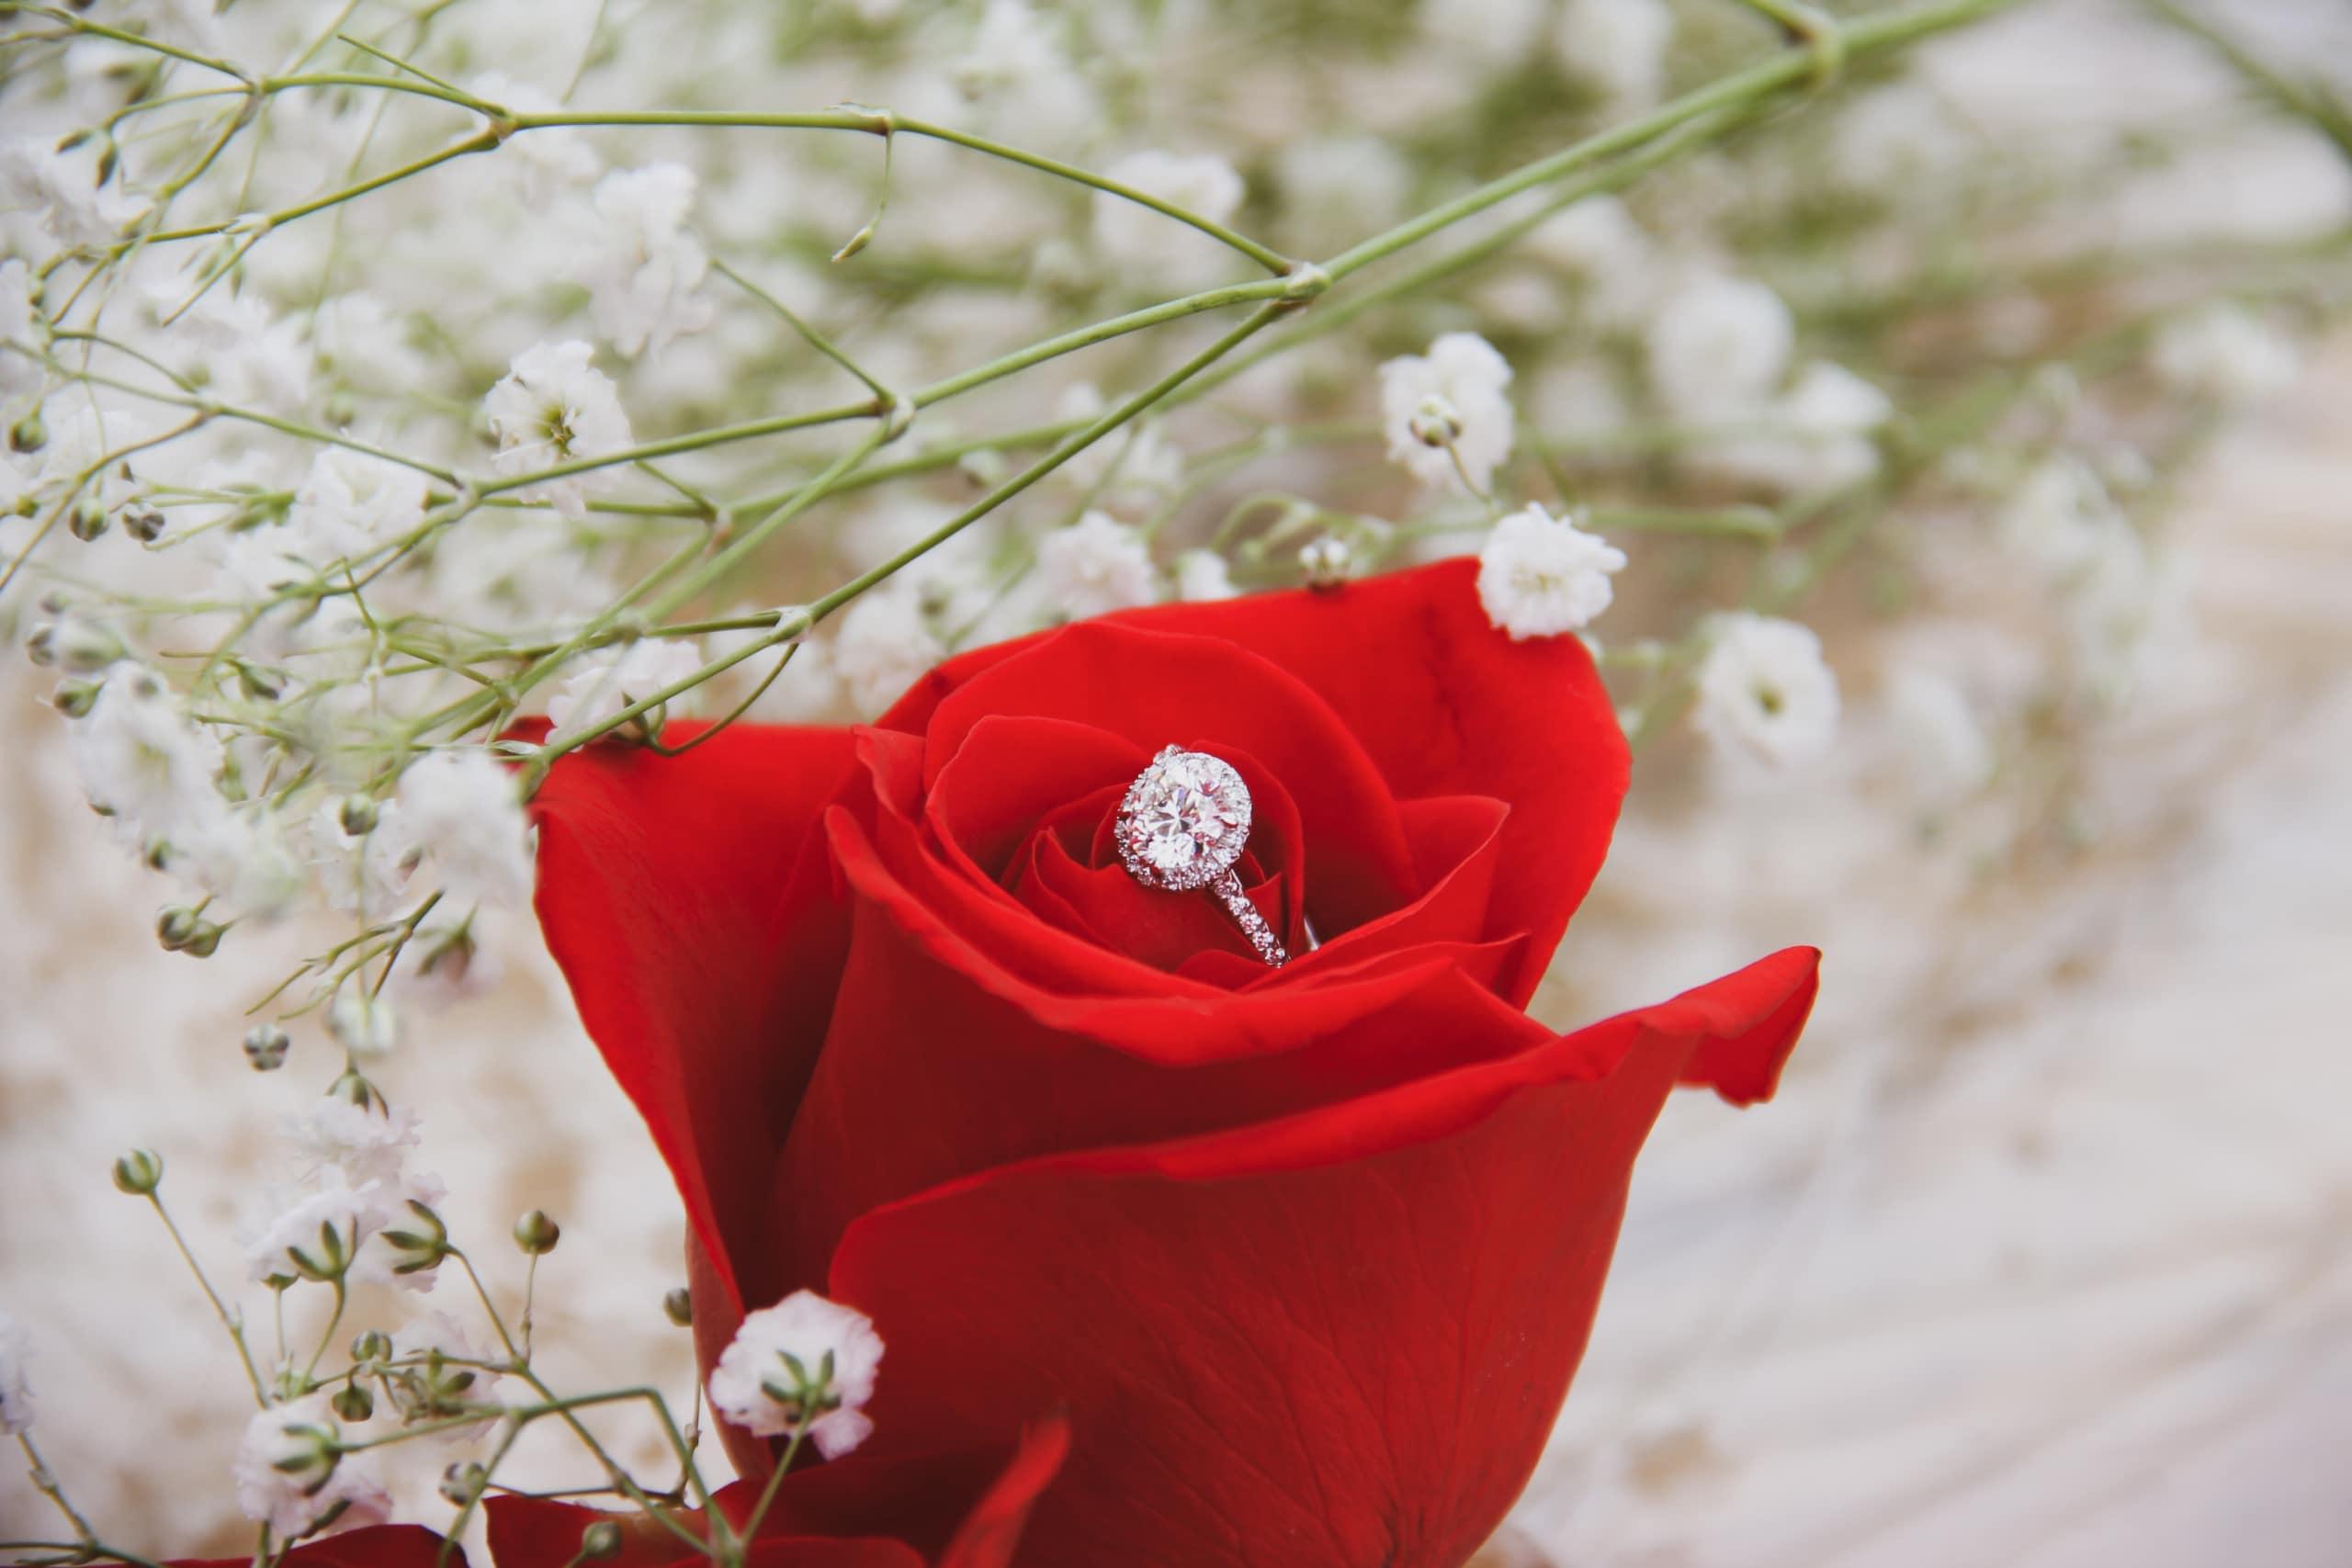 婚約指輪は必要? 理想の婚約指輪の相場は?のイメージ